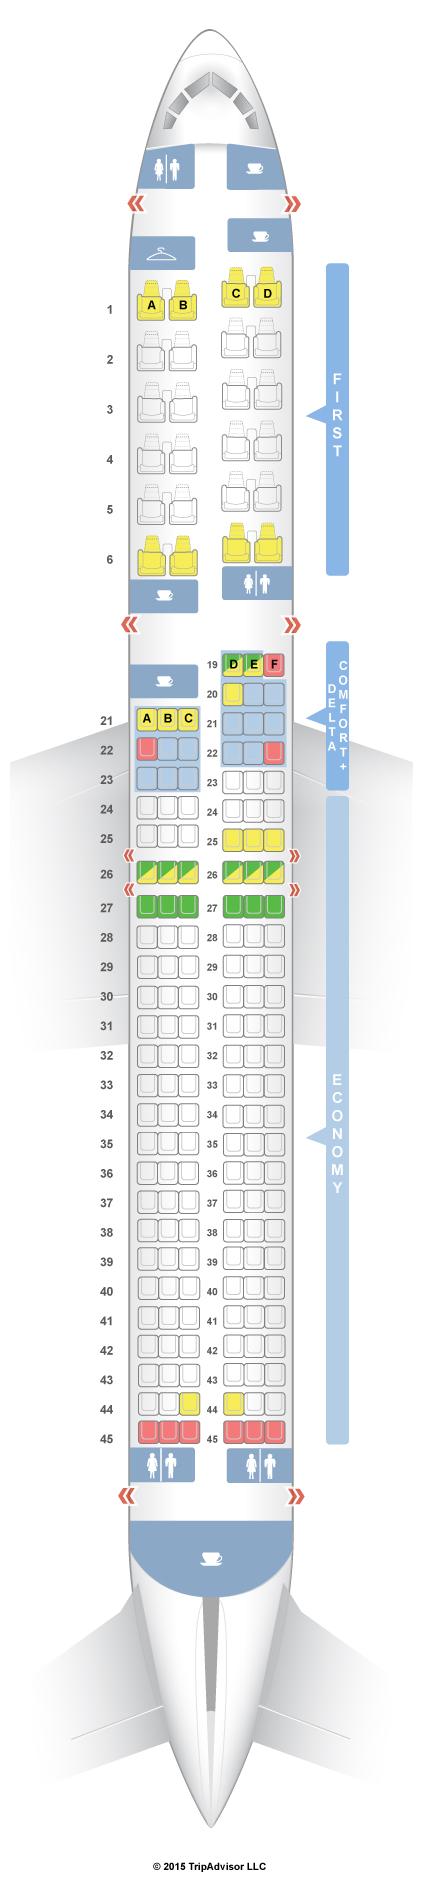 Seatguru seat map delta boeing 757 200 757